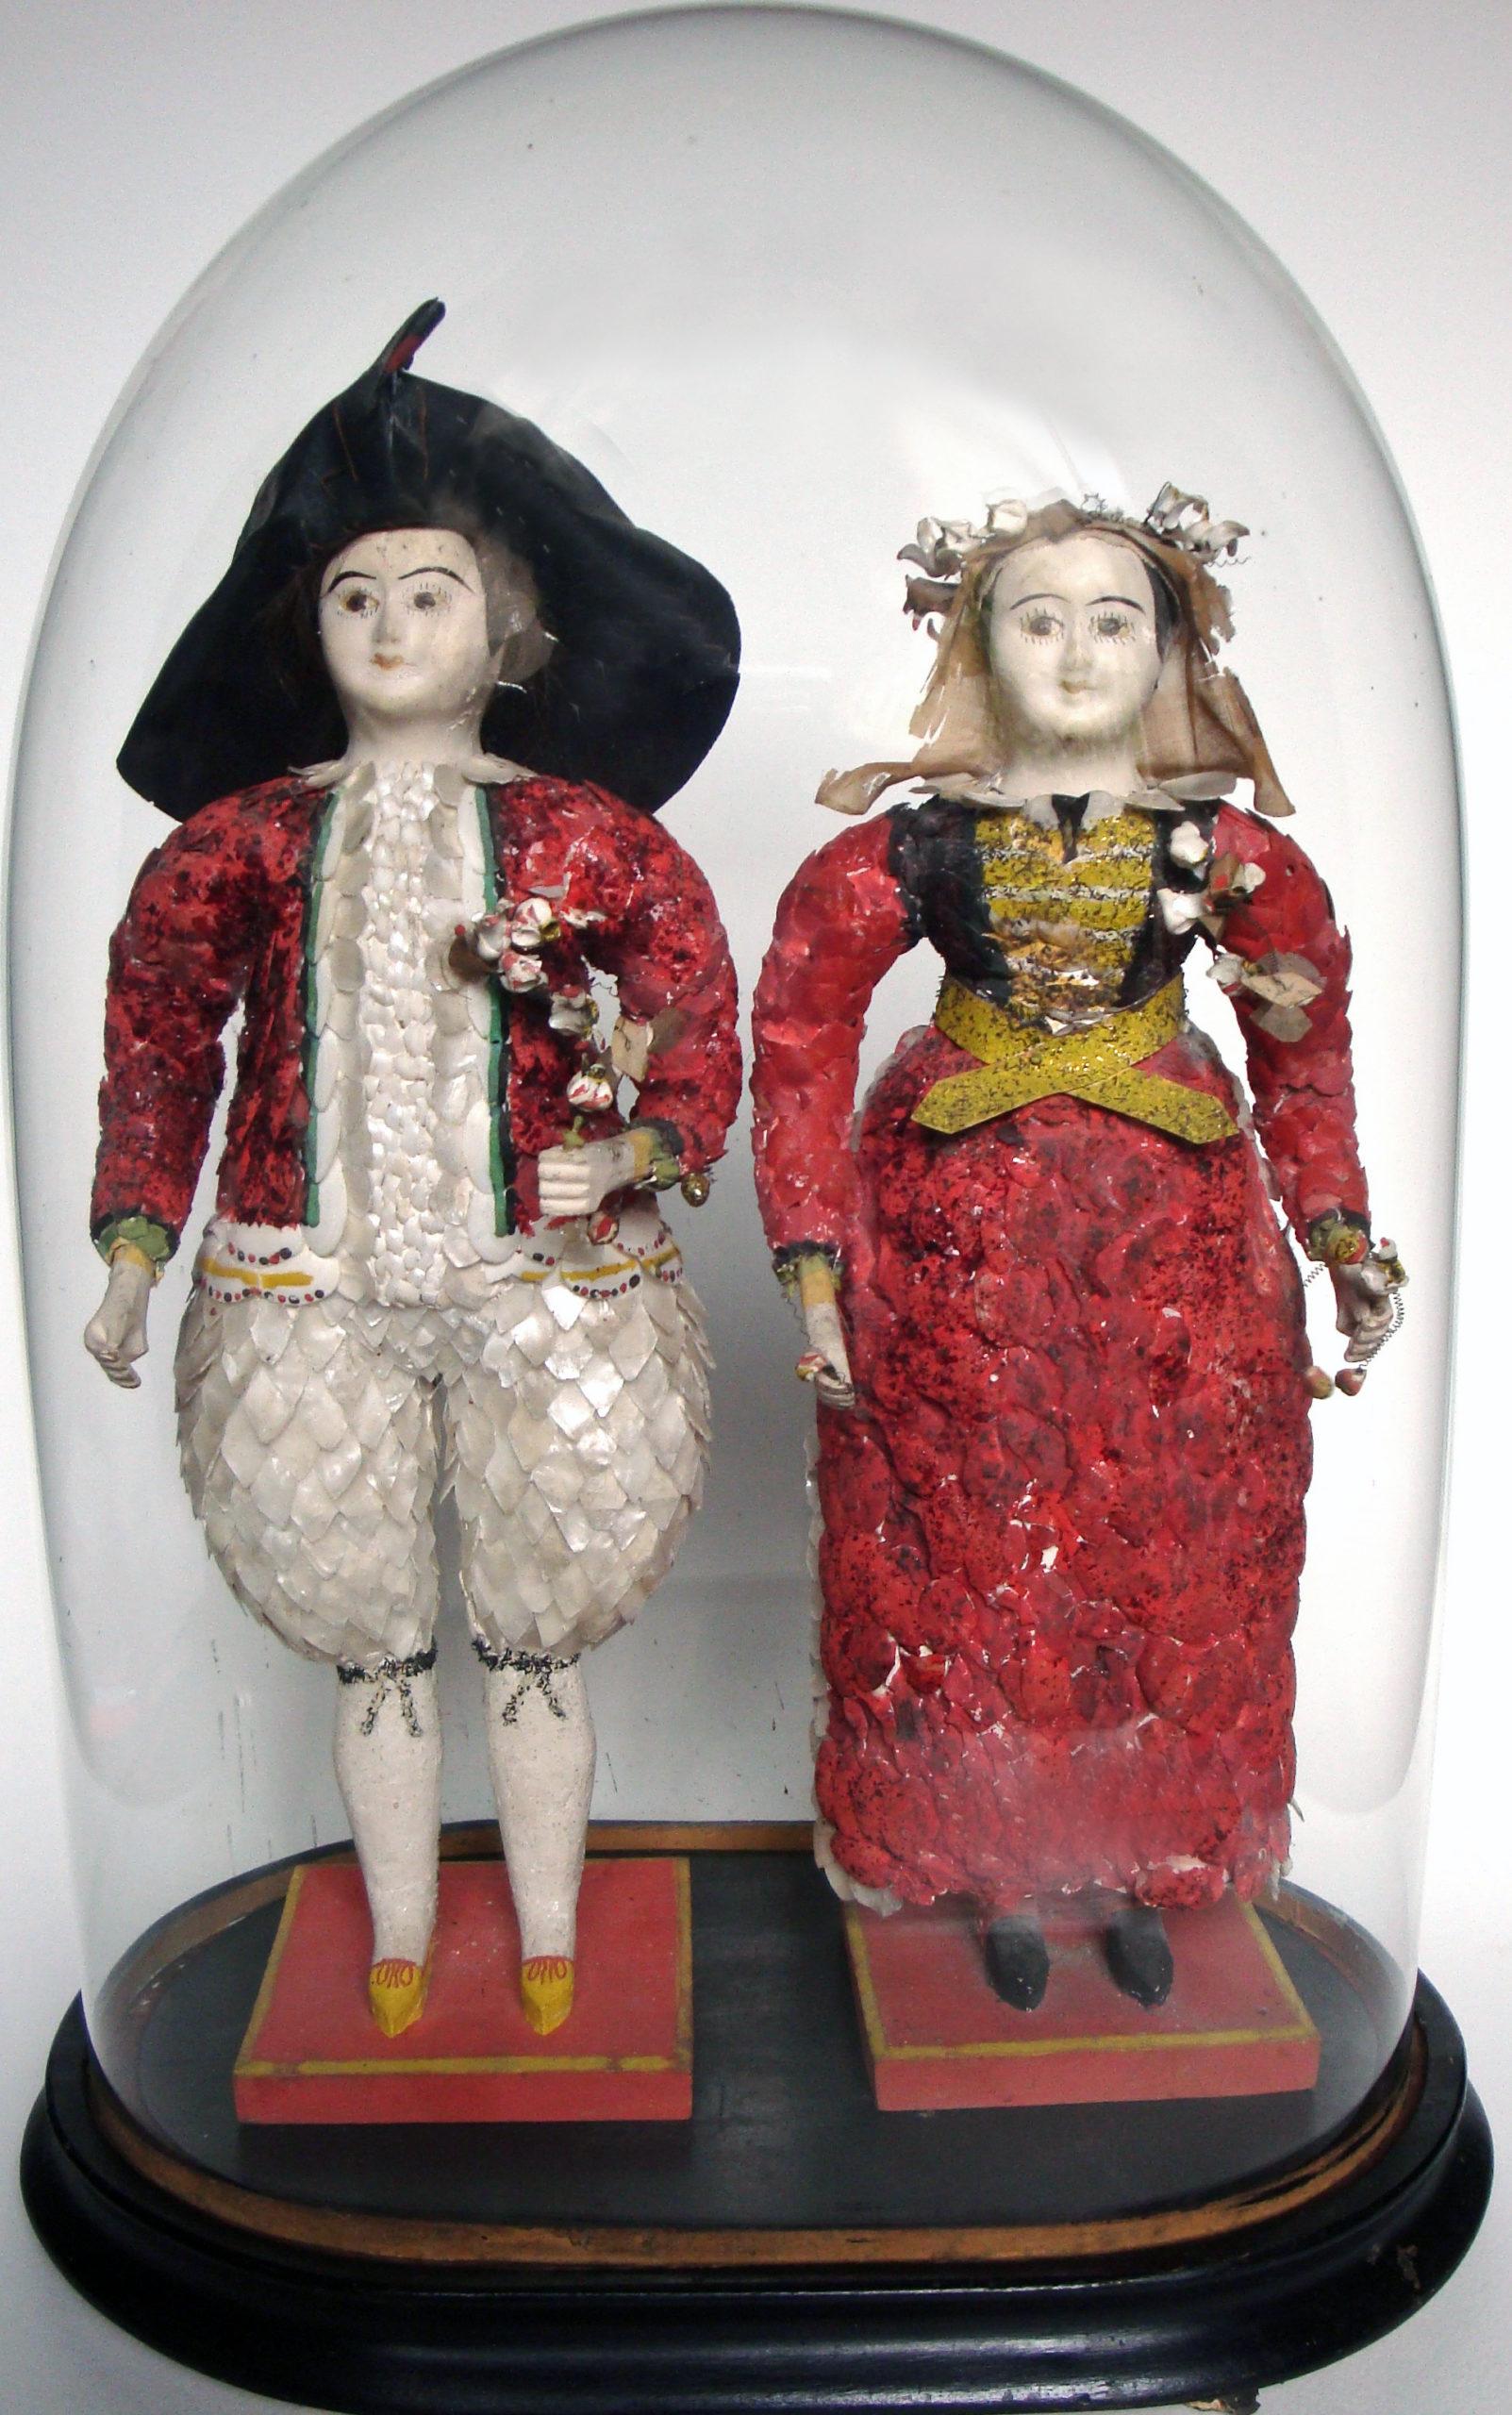 Couple de paludiers guérandais en coquillage - Fin XIXème © document de l'expert